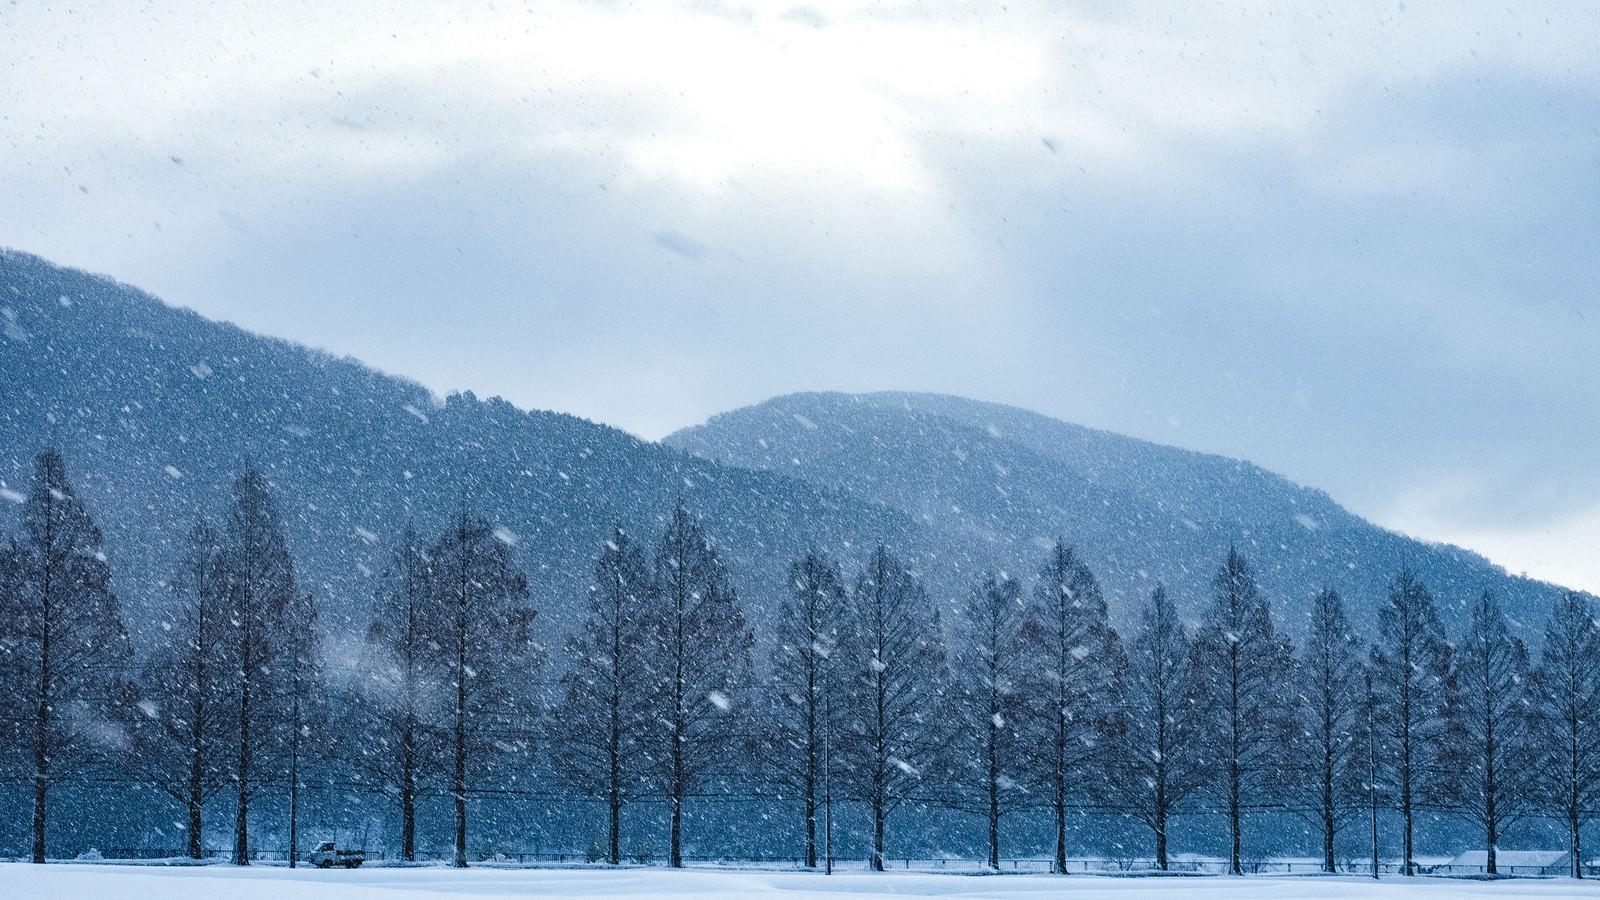 「吹雪に見舞われるメタセコイヤ木々吹雪に見舞われるメタセコイヤ木々」のフリー写真素材を拡大